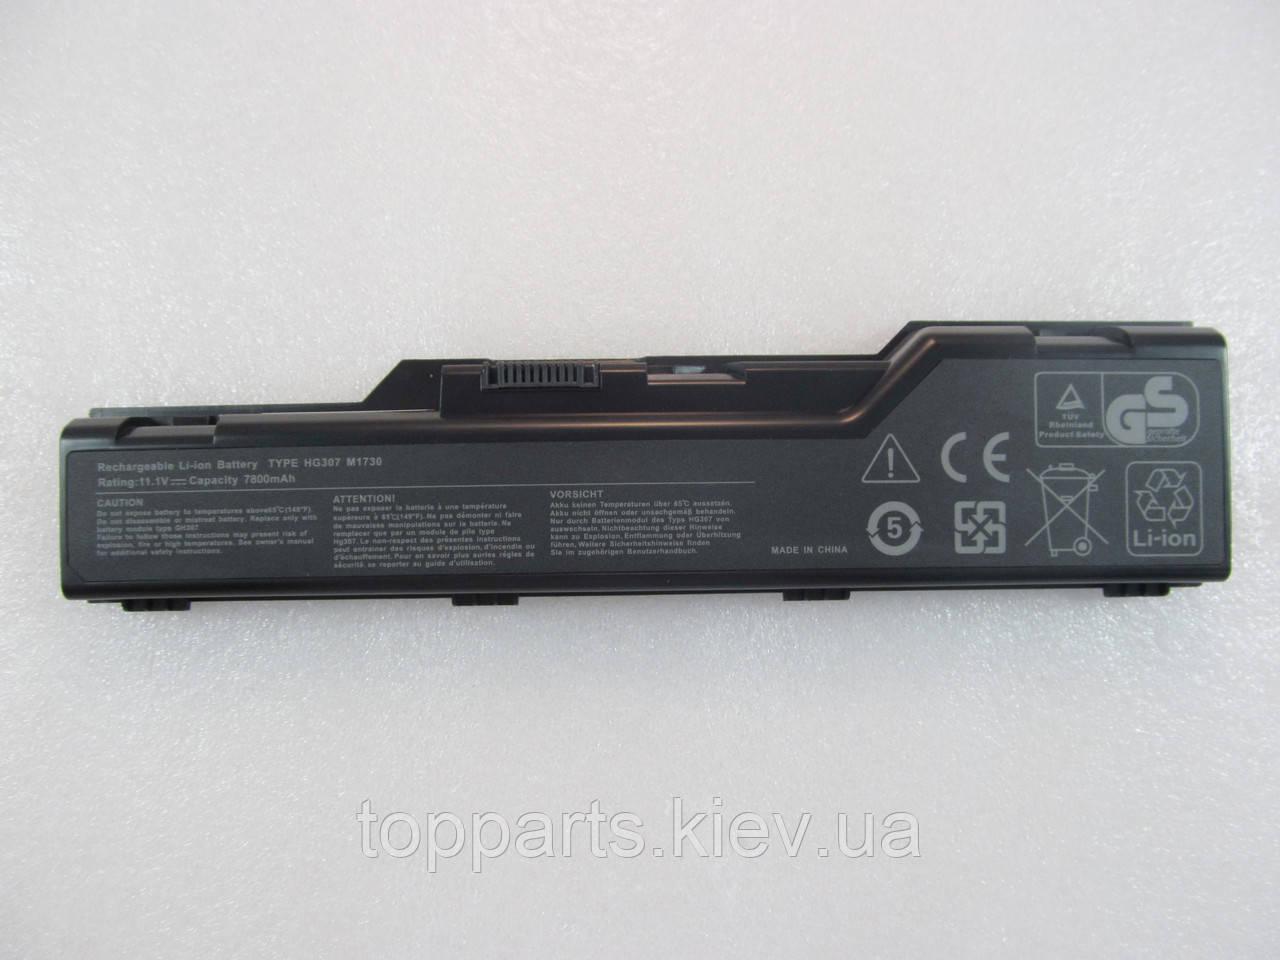 Батарея для ноутбука Dell XPS M1730 HG307, 7800mAh, 9cell, 11.1V, Li-i